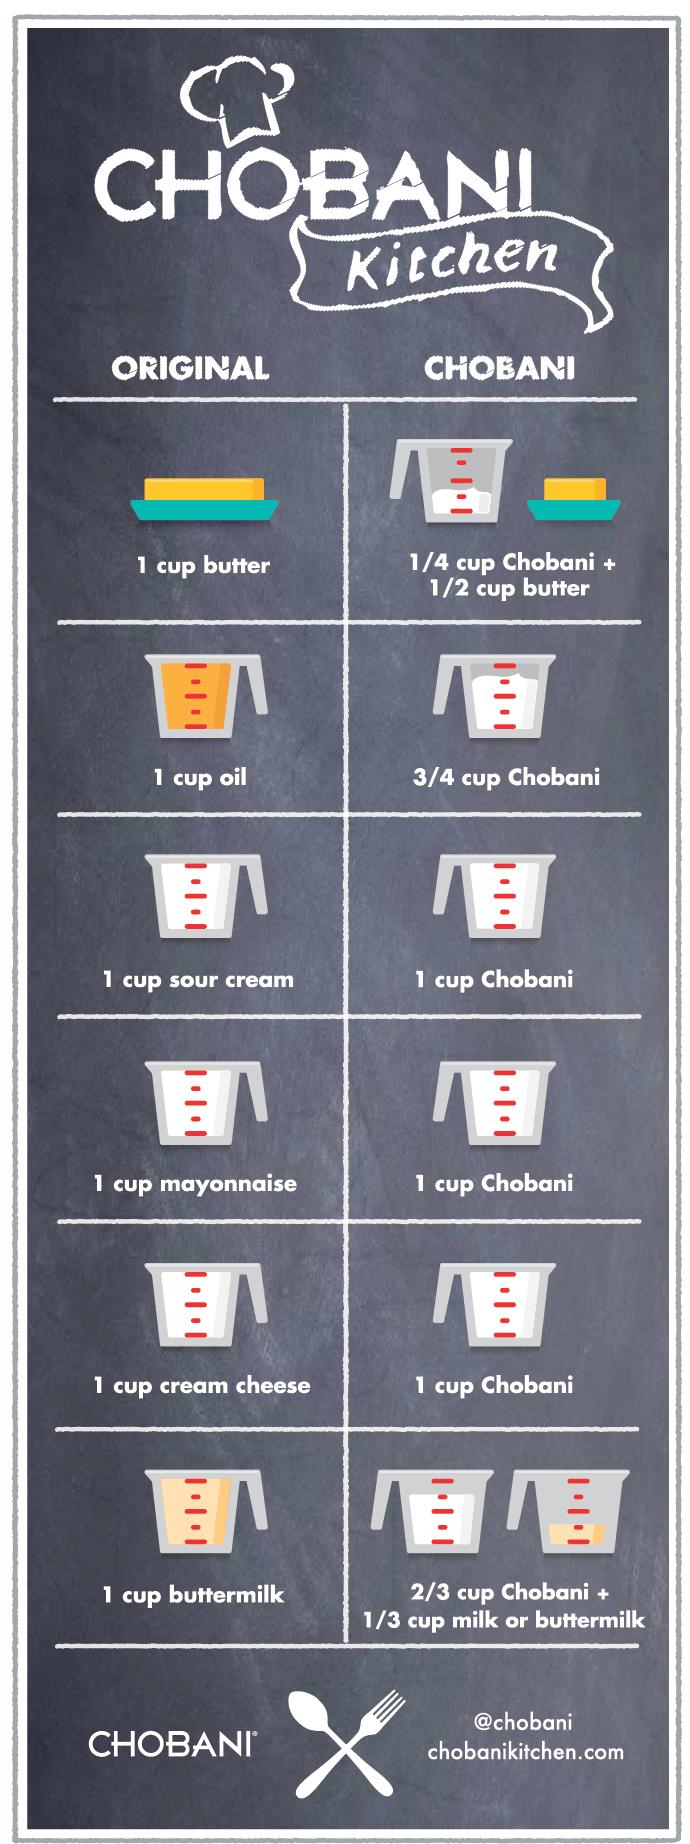 Chobani Kitchen: Conversion Chart